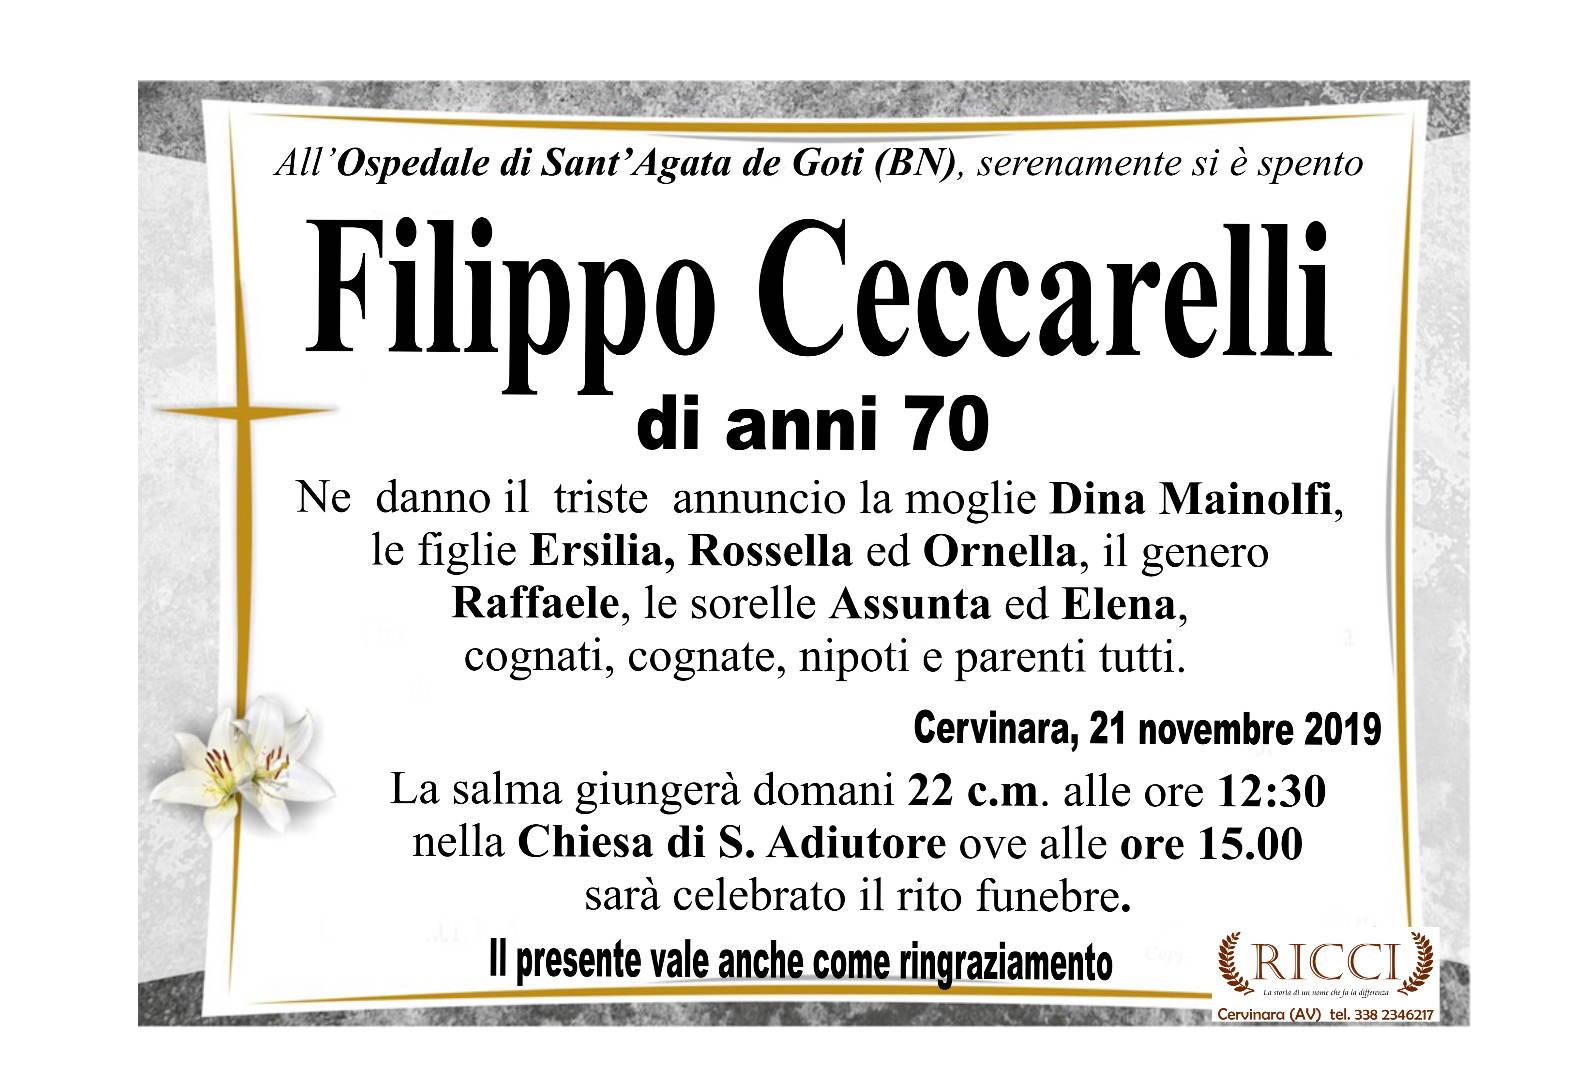 Filippo Ceccarelli